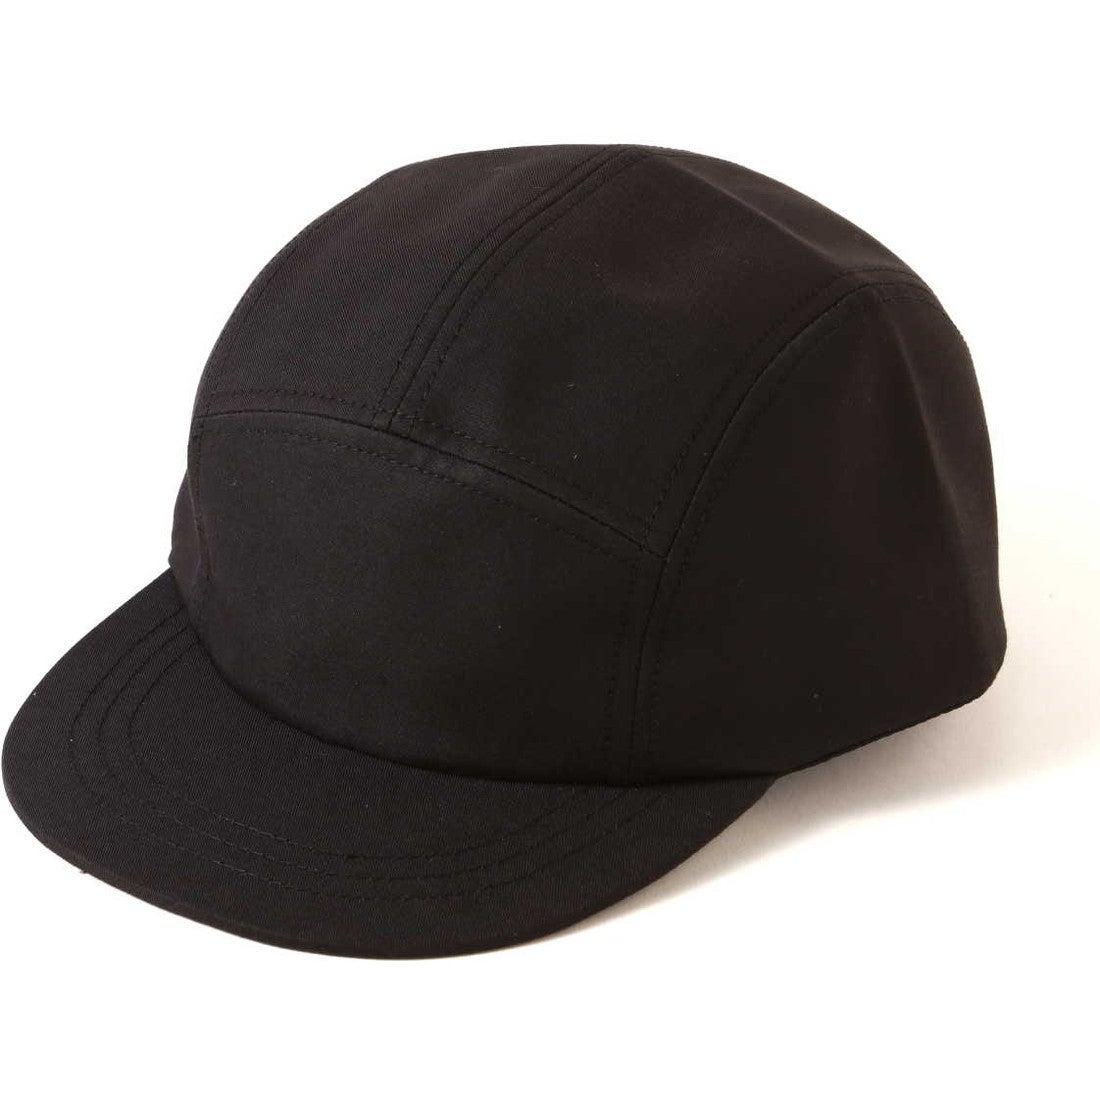 キャップ ブラック1